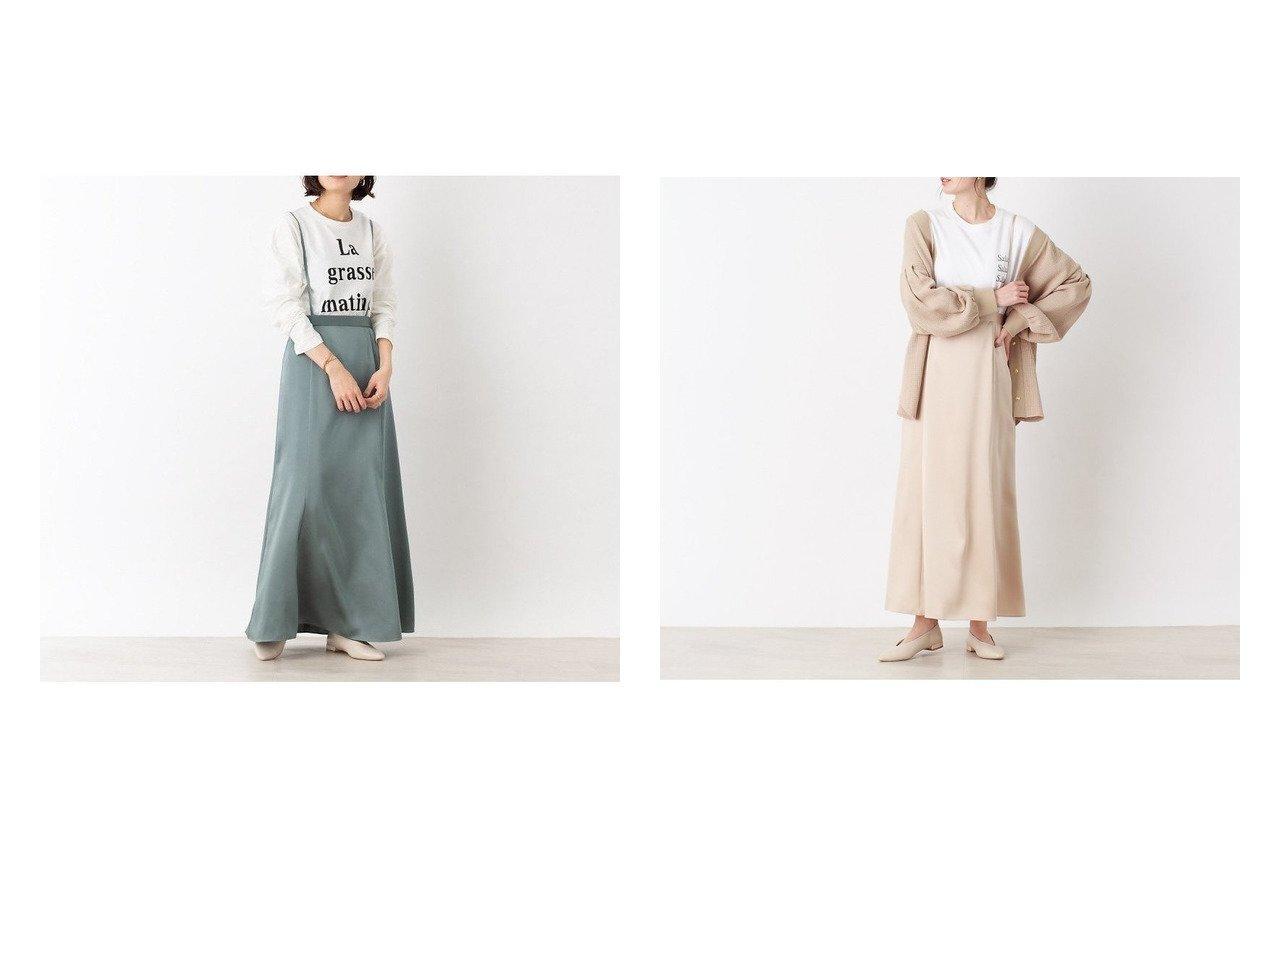 【Rouge vif la cle/ルージュヴィフラクレ】のサスペンダー付きマーメイドスカート 【スカート】おすすめ!人気、トレンド・レディースファッションの通販 おすすめで人気の流行・トレンド、ファッションの通販商品 メンズファッション・キッズファッション・インテリア・家具・レディースファッション・服の通販 founy(ファニー) https://founy.com/ ファッション Fashion レディースファッション WOMEN スカート Skirt ロングスカート Long Skirt カットソー サスペンダー サテン スウェット マーメイド ロング |ID:crp329100000036714